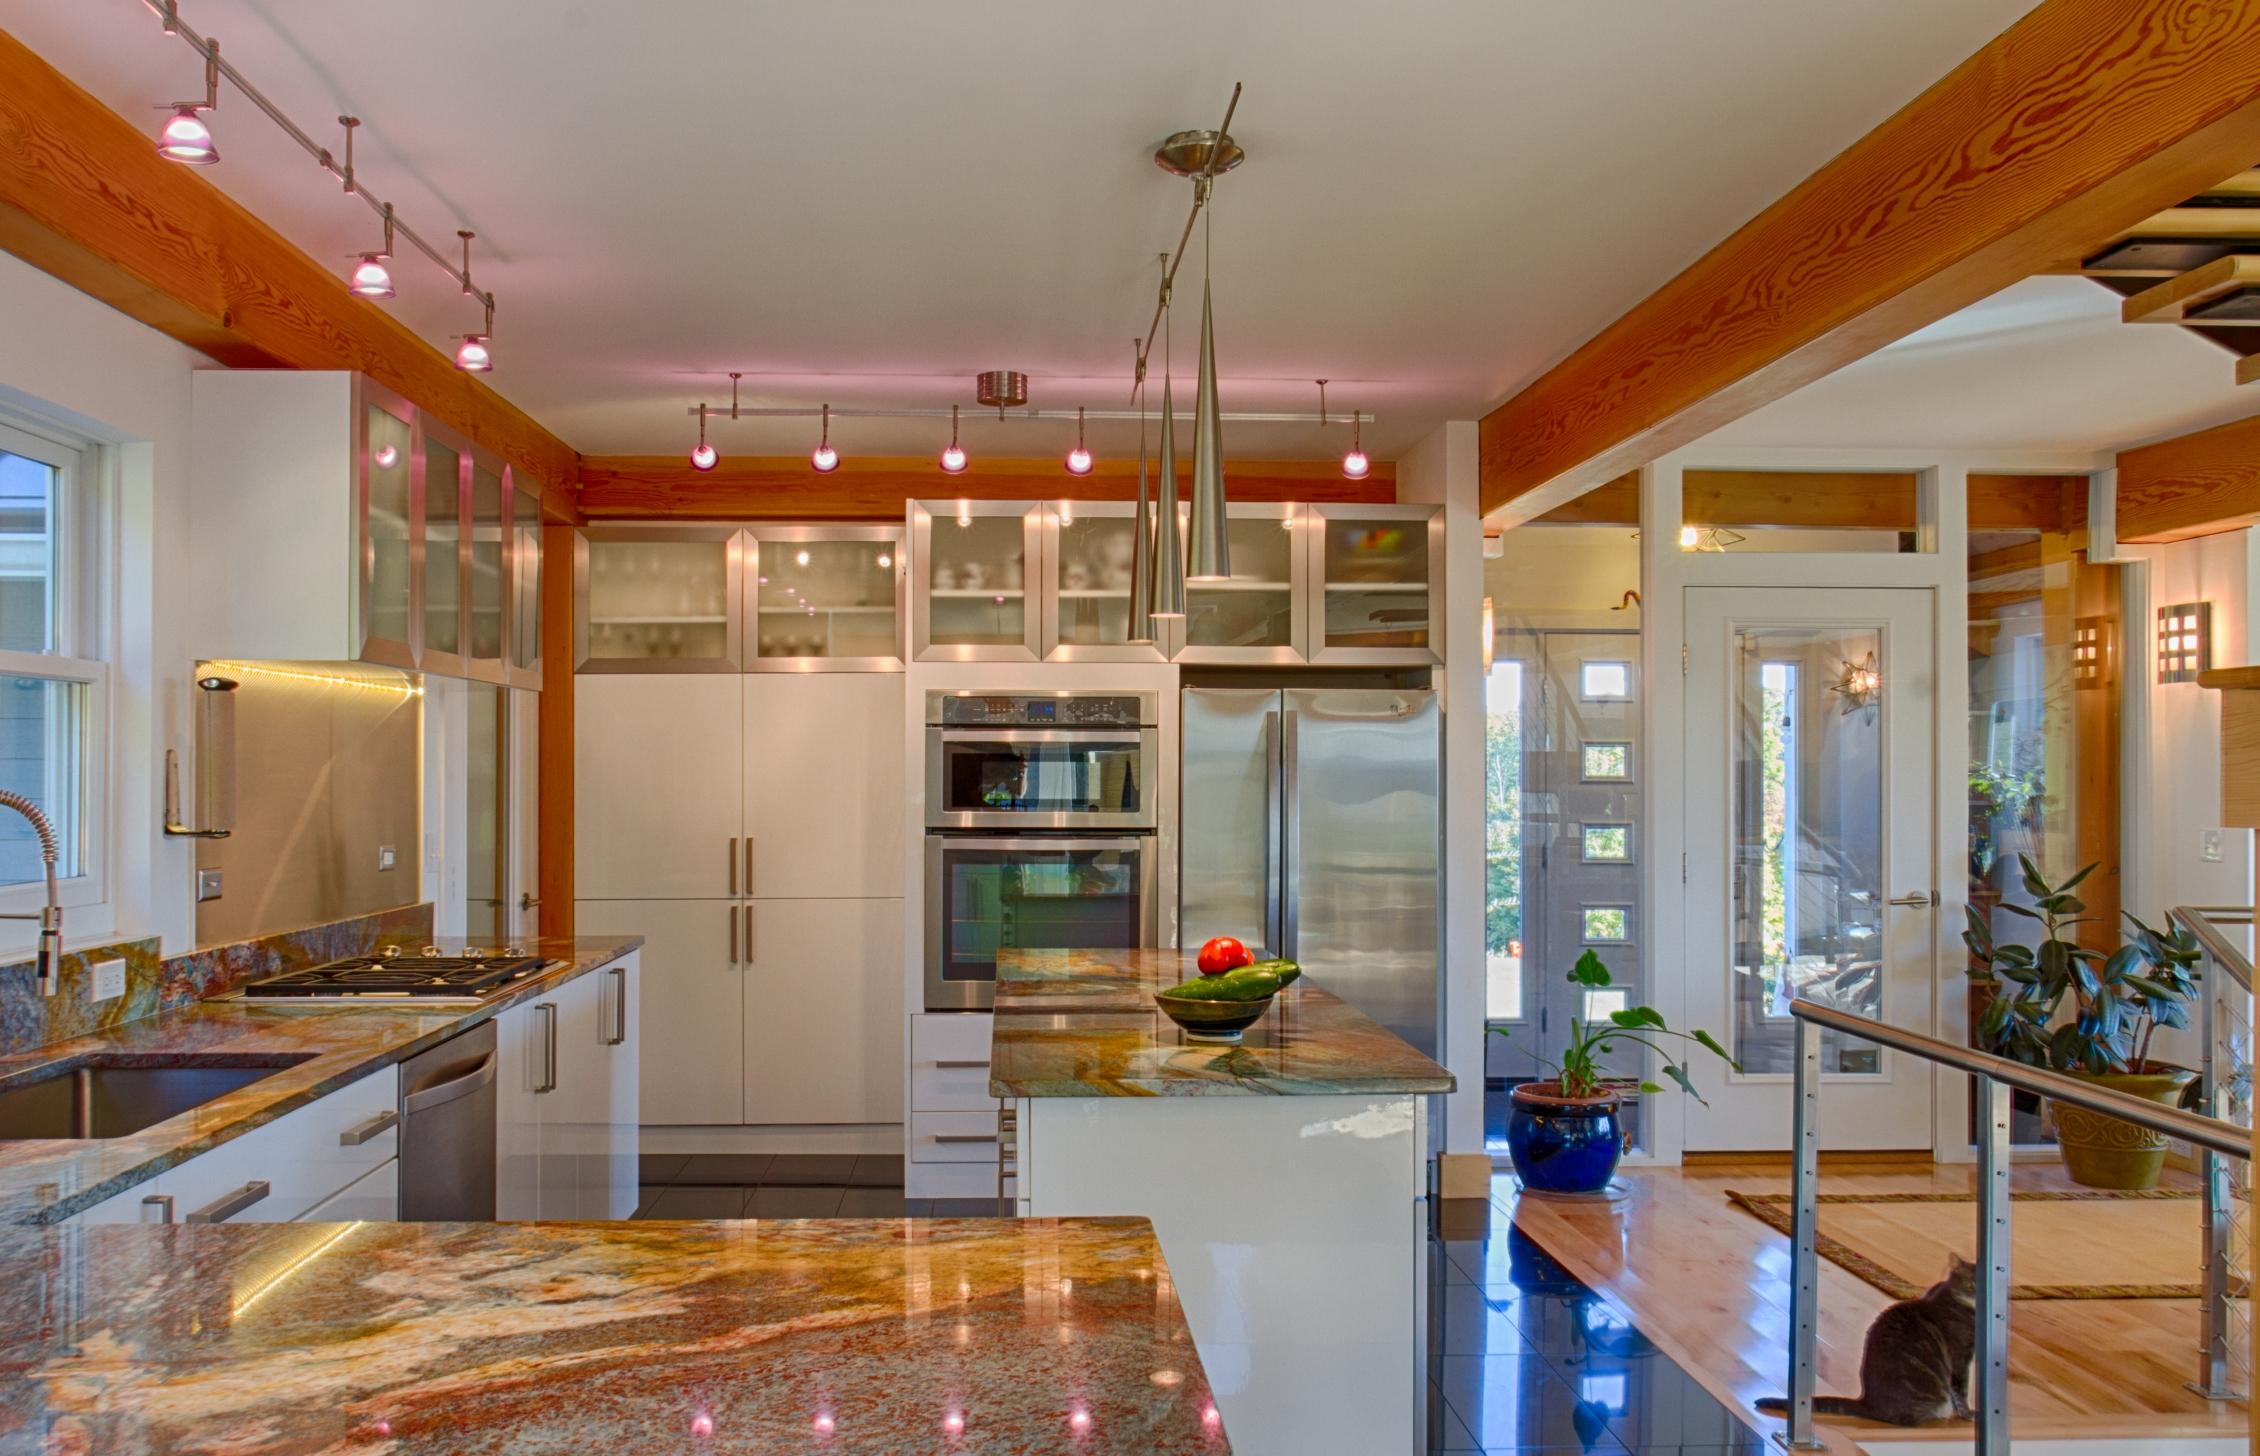 独户住宅 为 销售 在 394 Skyline Drive, Weathersfield Weathersfield, 佛蒙特州 05151 美国